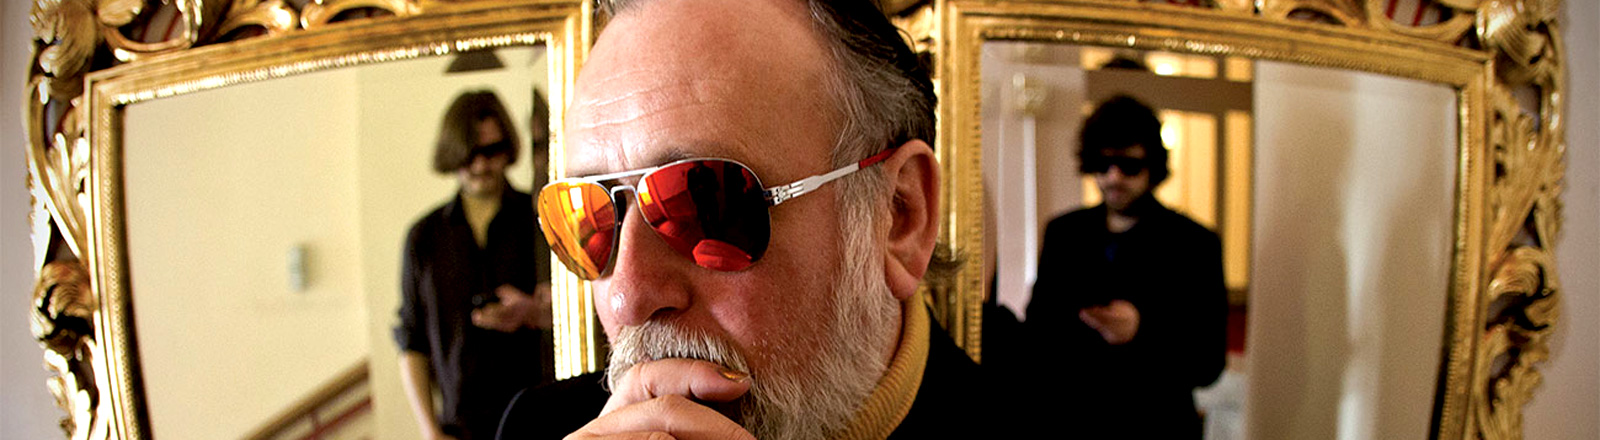 Friedrich Liechtenstein mit Sonnenbrille vor einem Spiegel.